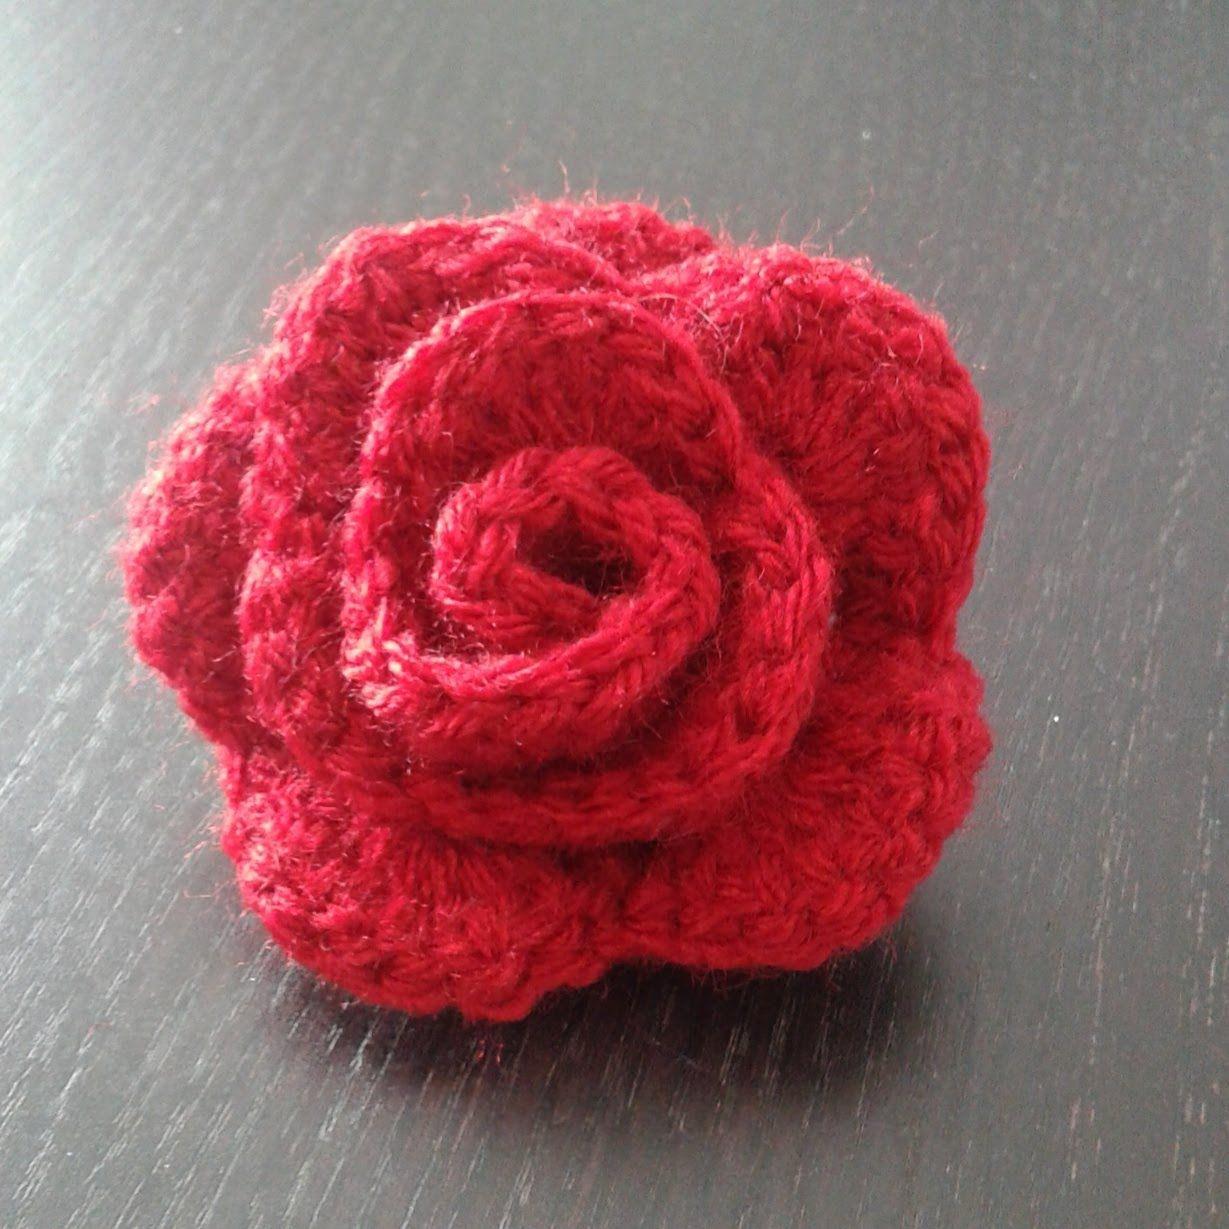 la rose au crochet   crochet   pinterest   crochet, crochet flowers